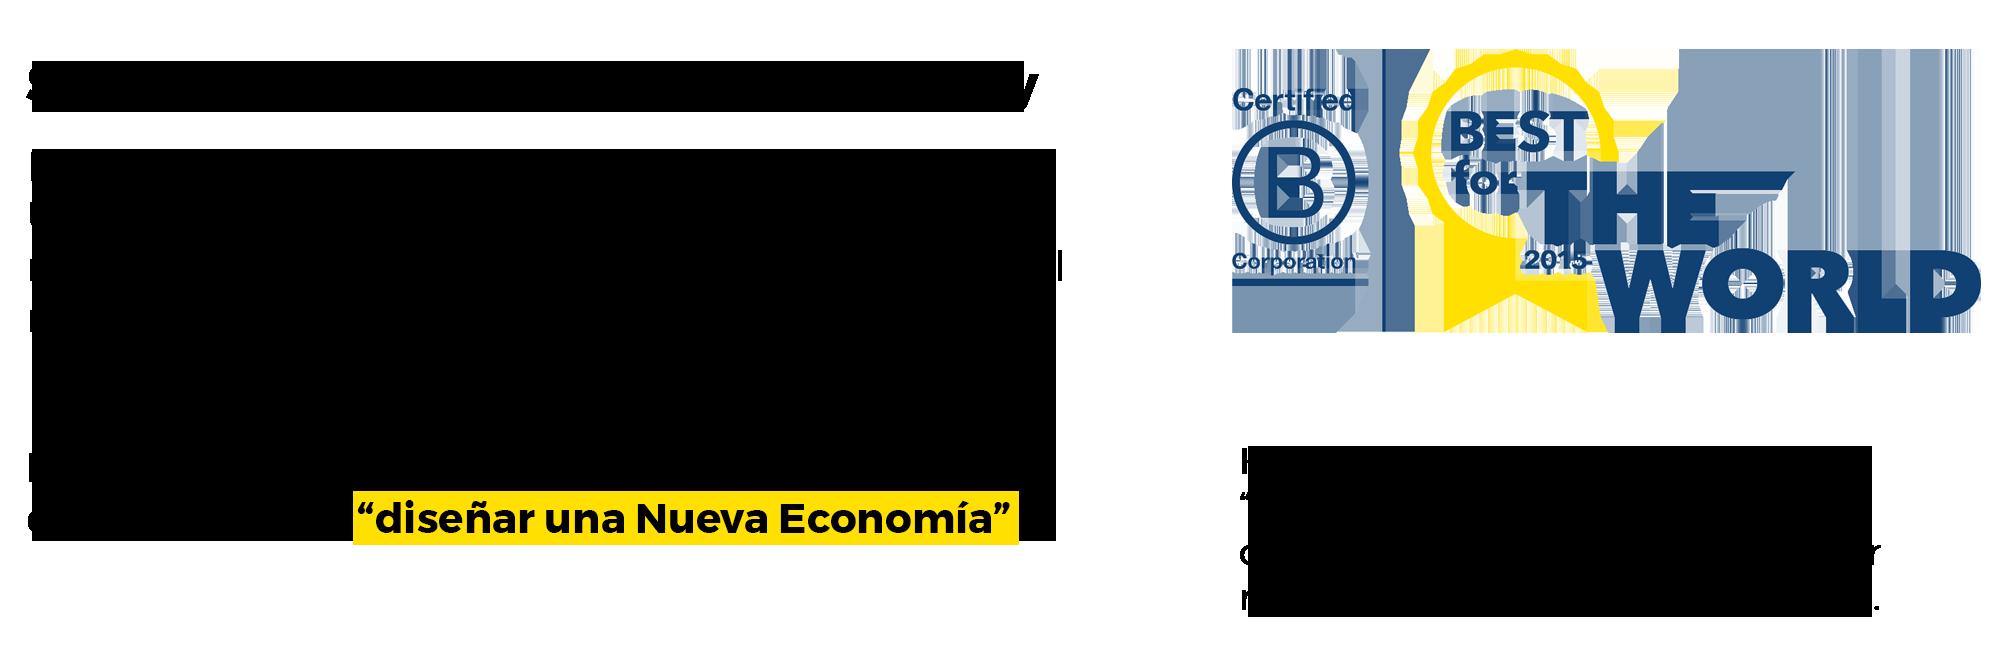 somos-empresa-b-uruguay